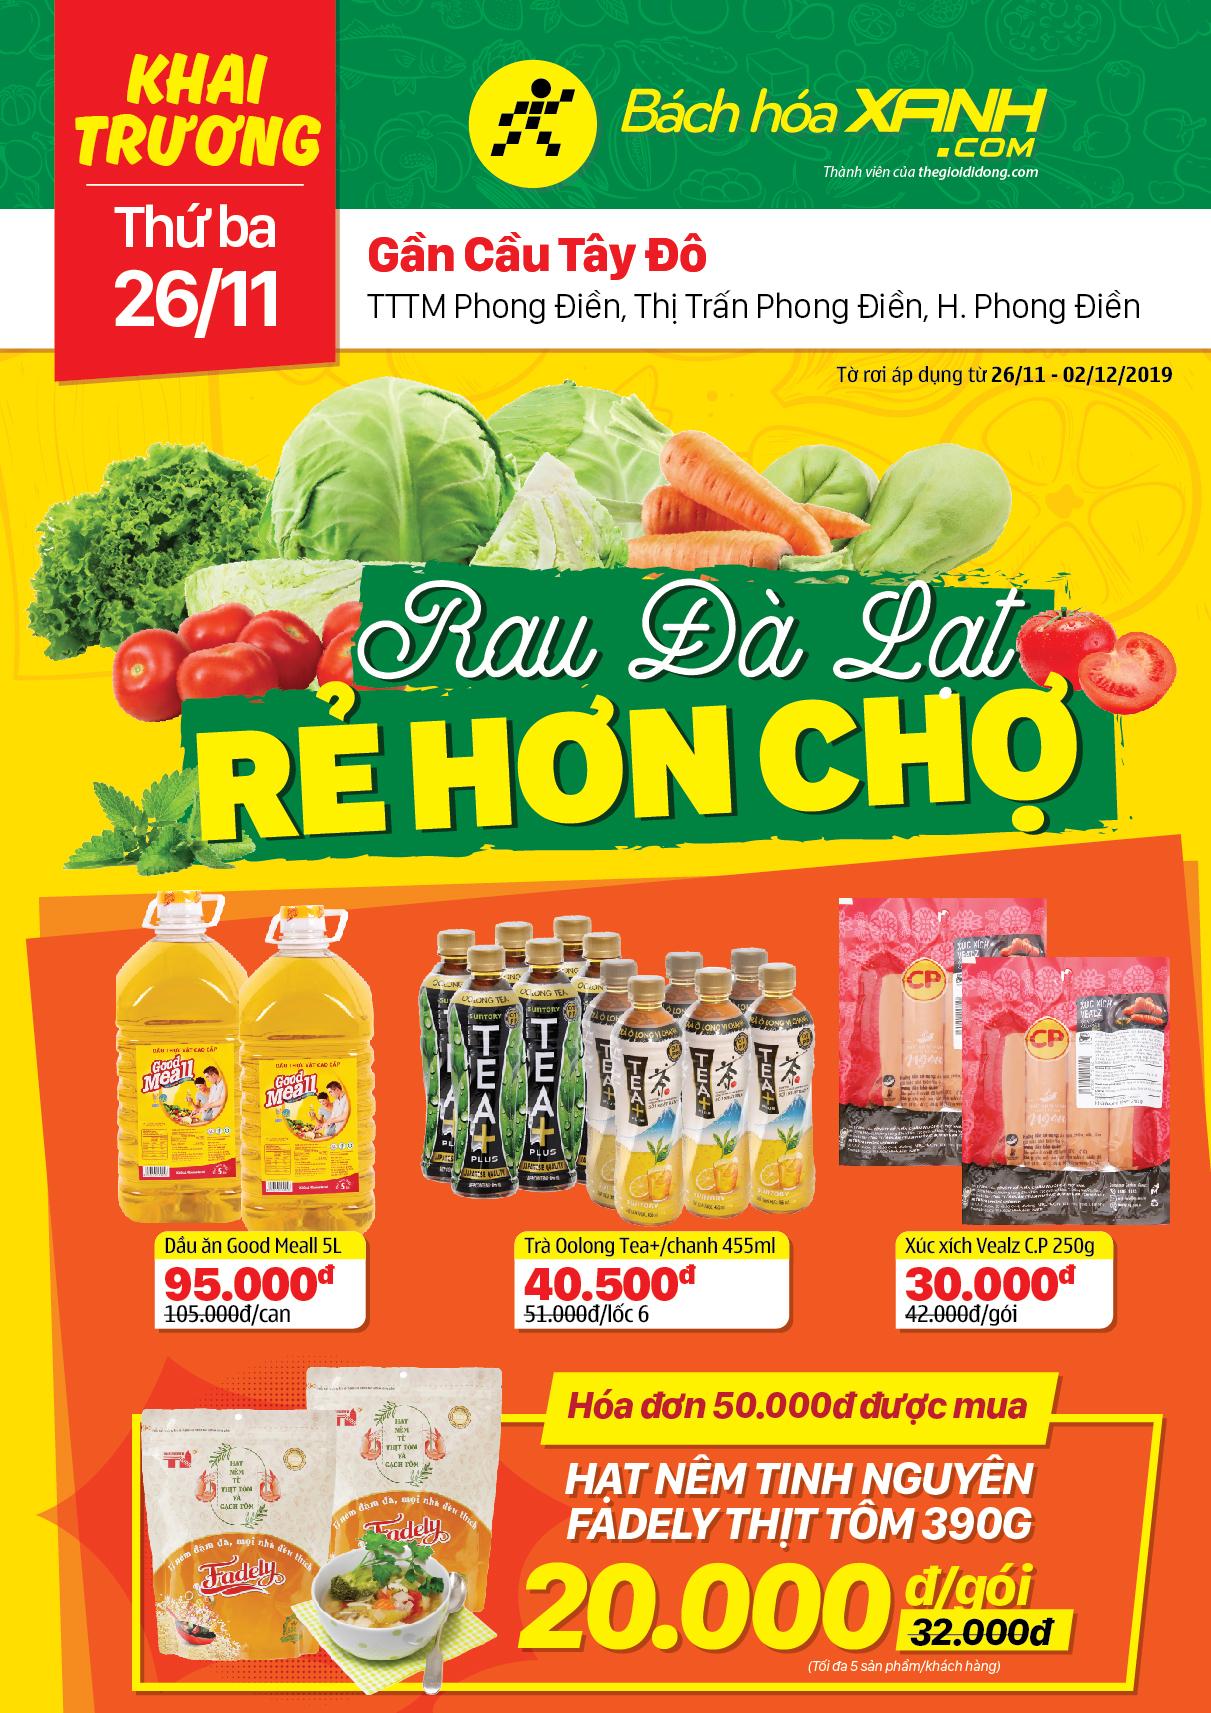 Cửa hàng Bách hoá XANH TTTM Phong Điền, Cần Thơ khai trương 26/11/2019